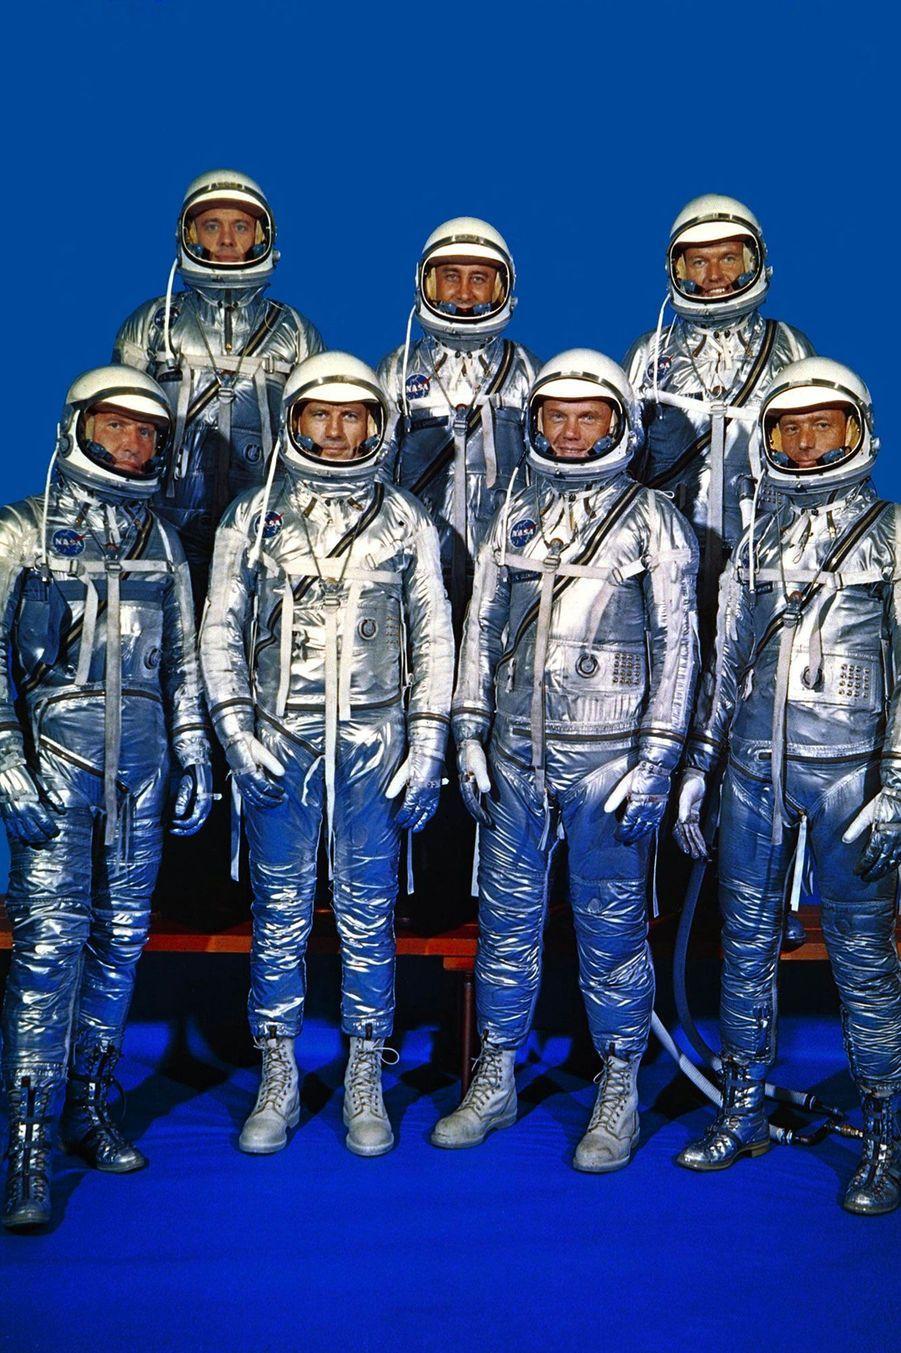 Les 7 astronautes du programme Mercury, le 3 décembre 1962